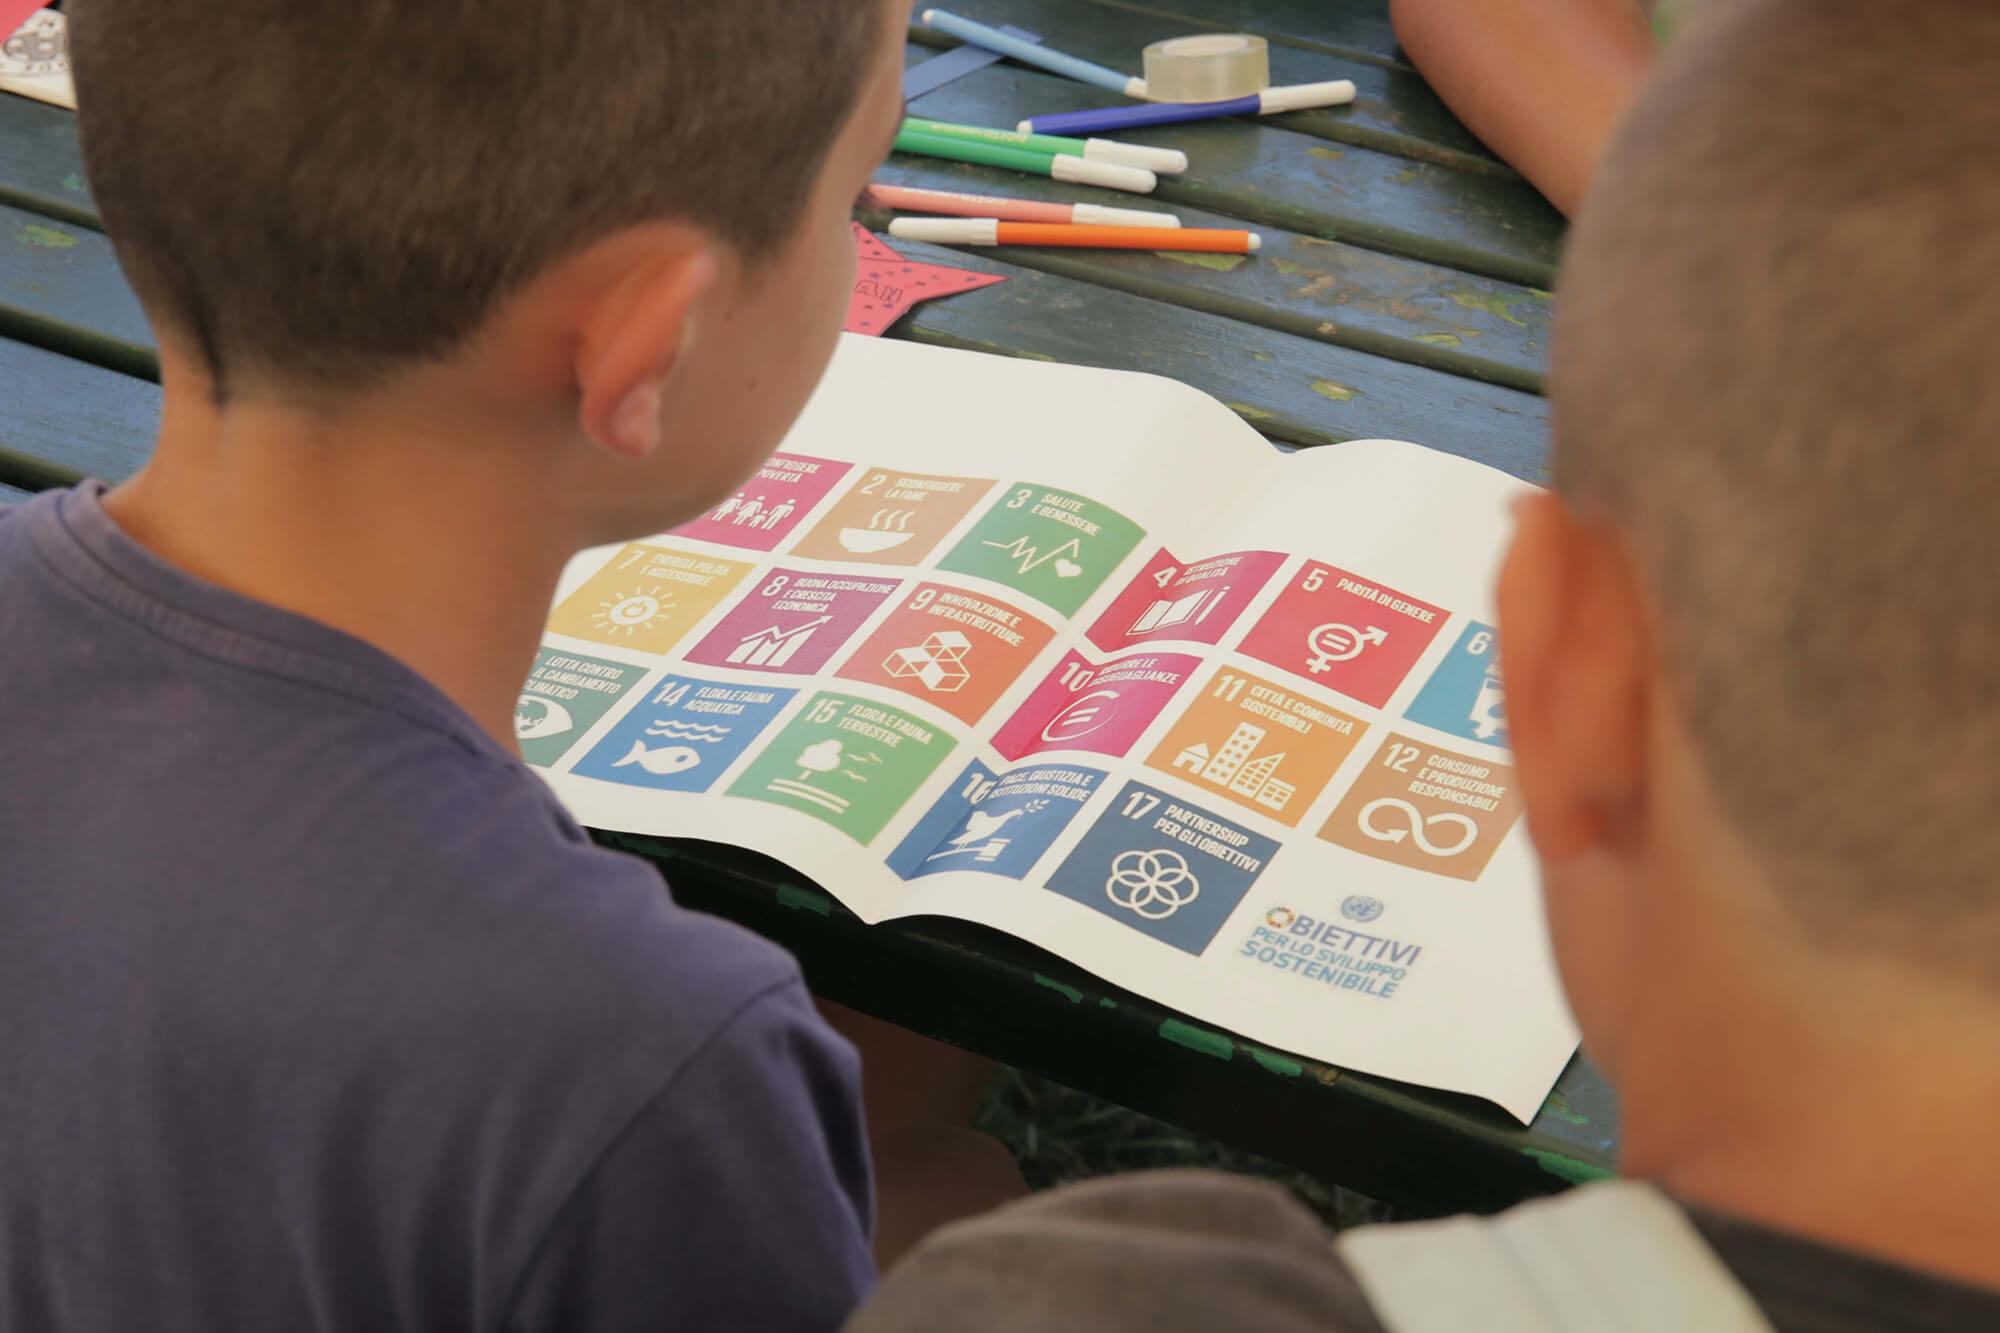 progetto agente 0011 sviluppo sostenibile